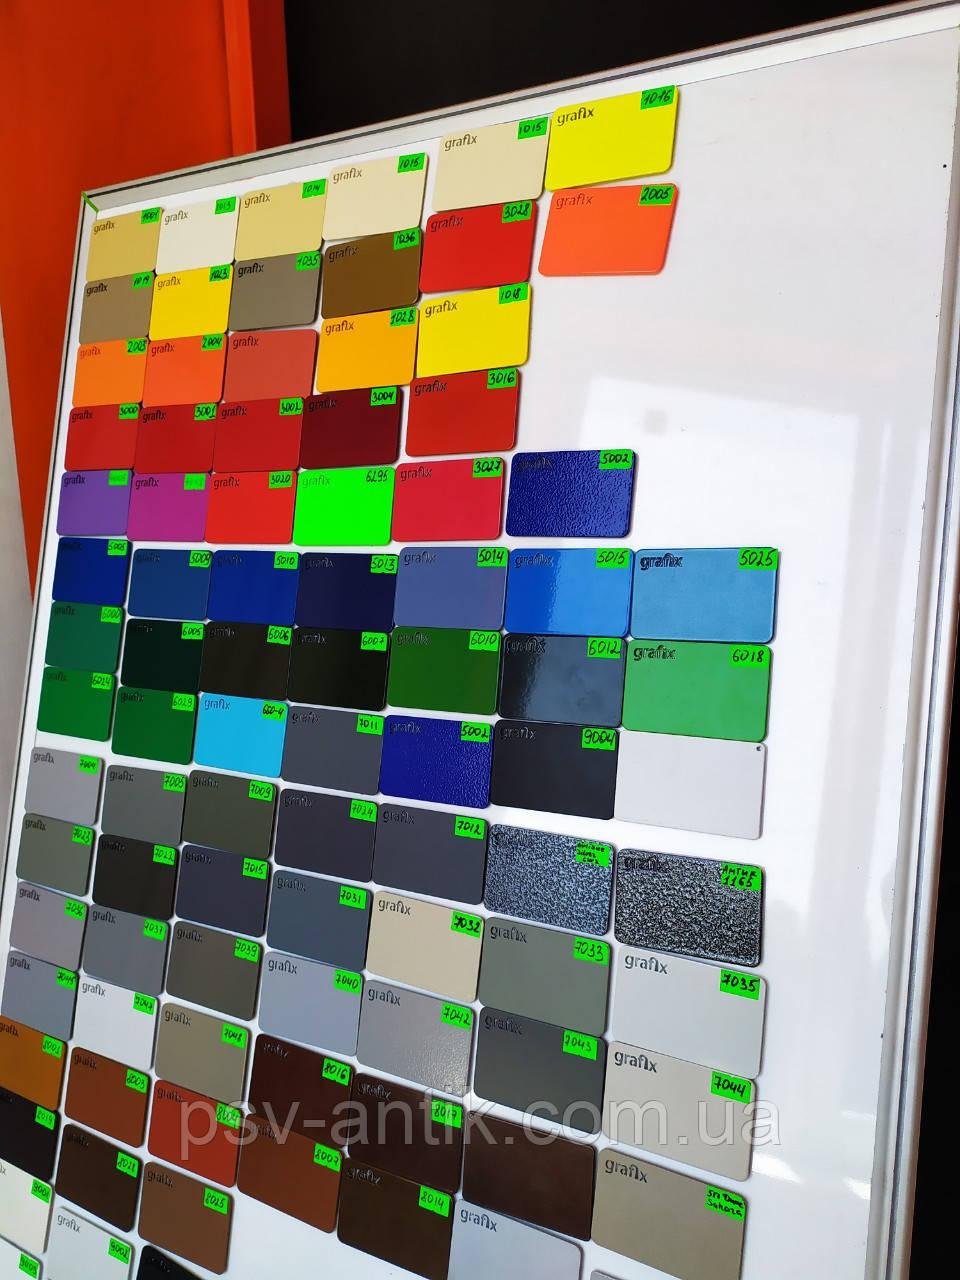 Порошковая краска матовая, полиэфирная, архитектурная, 9004